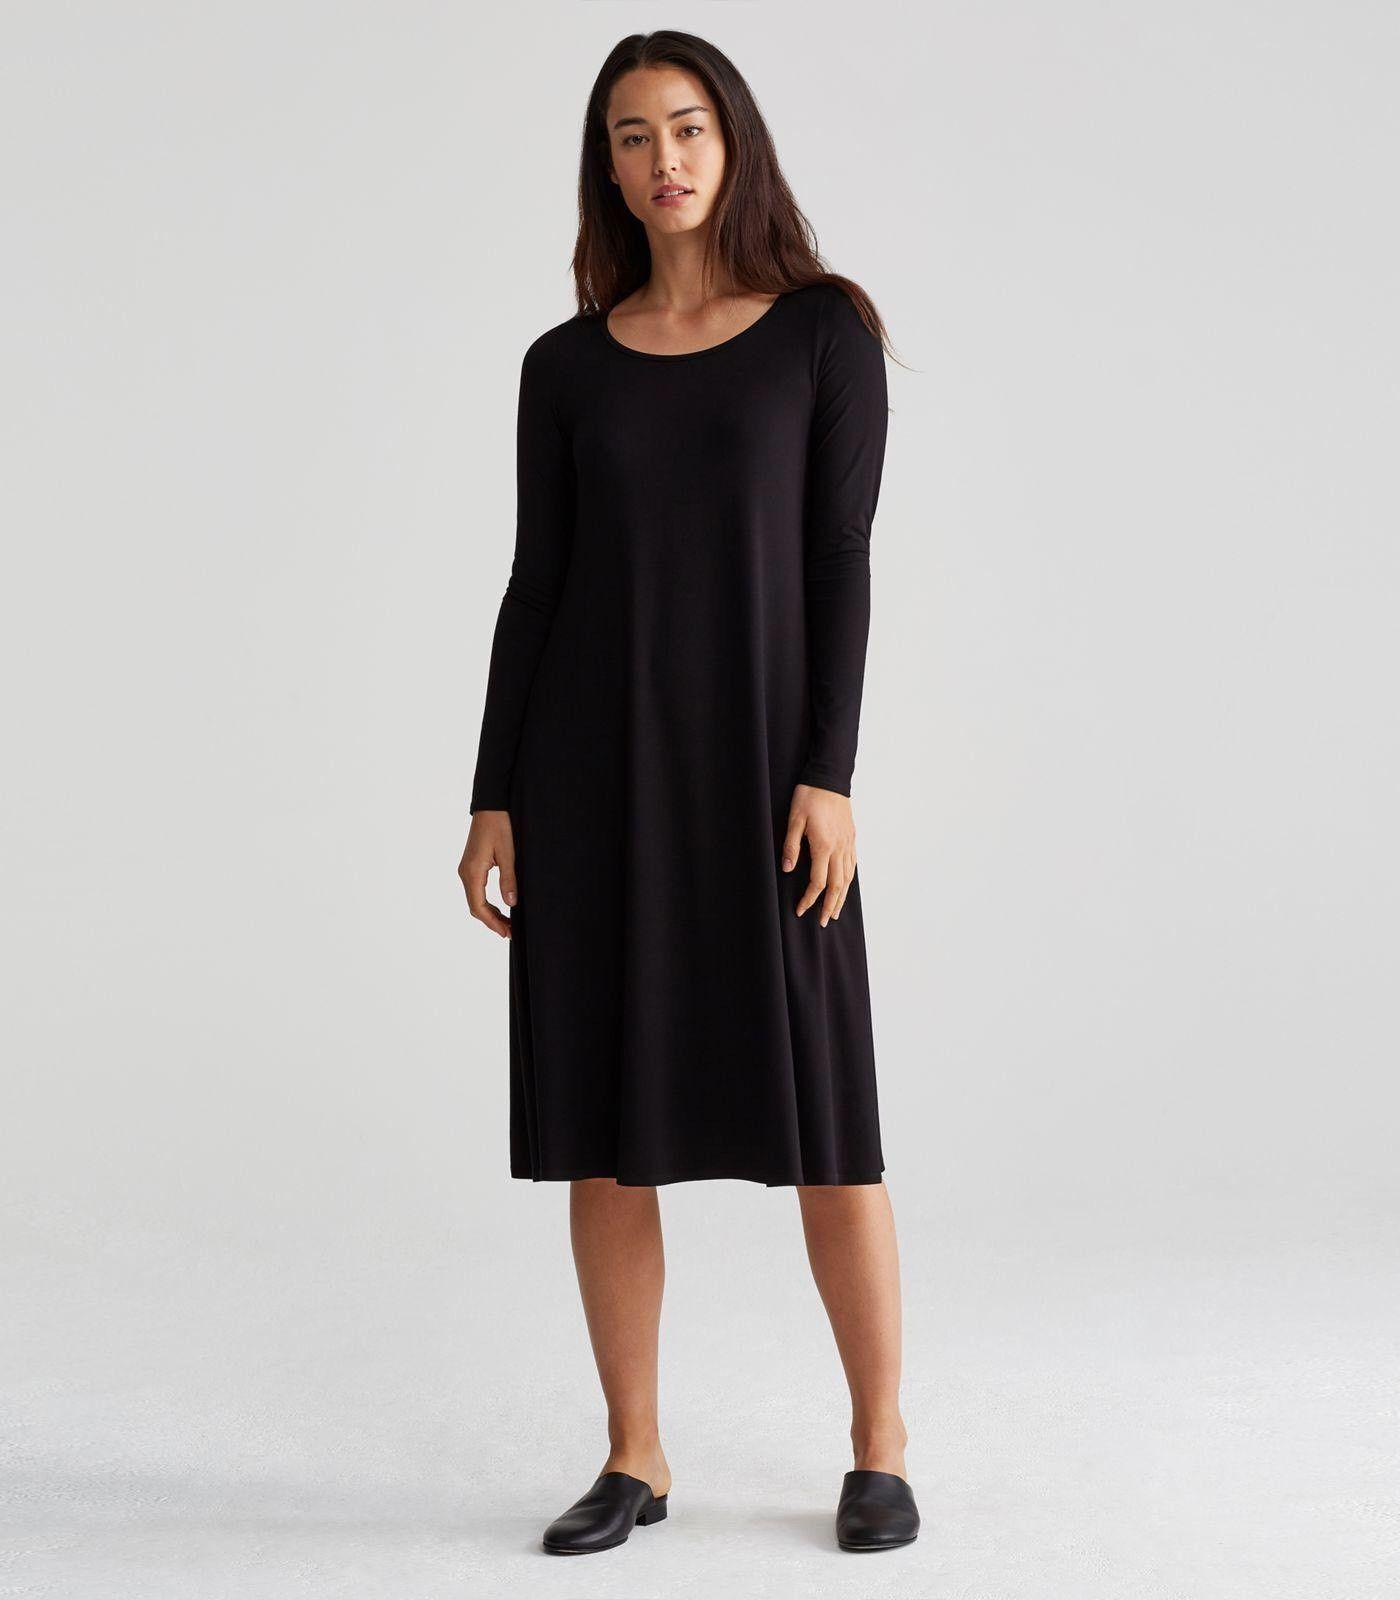 Eileen Fisher 1X schwarz Rndneck Knee Length Dress Lightwt Viscose Jersey NWT